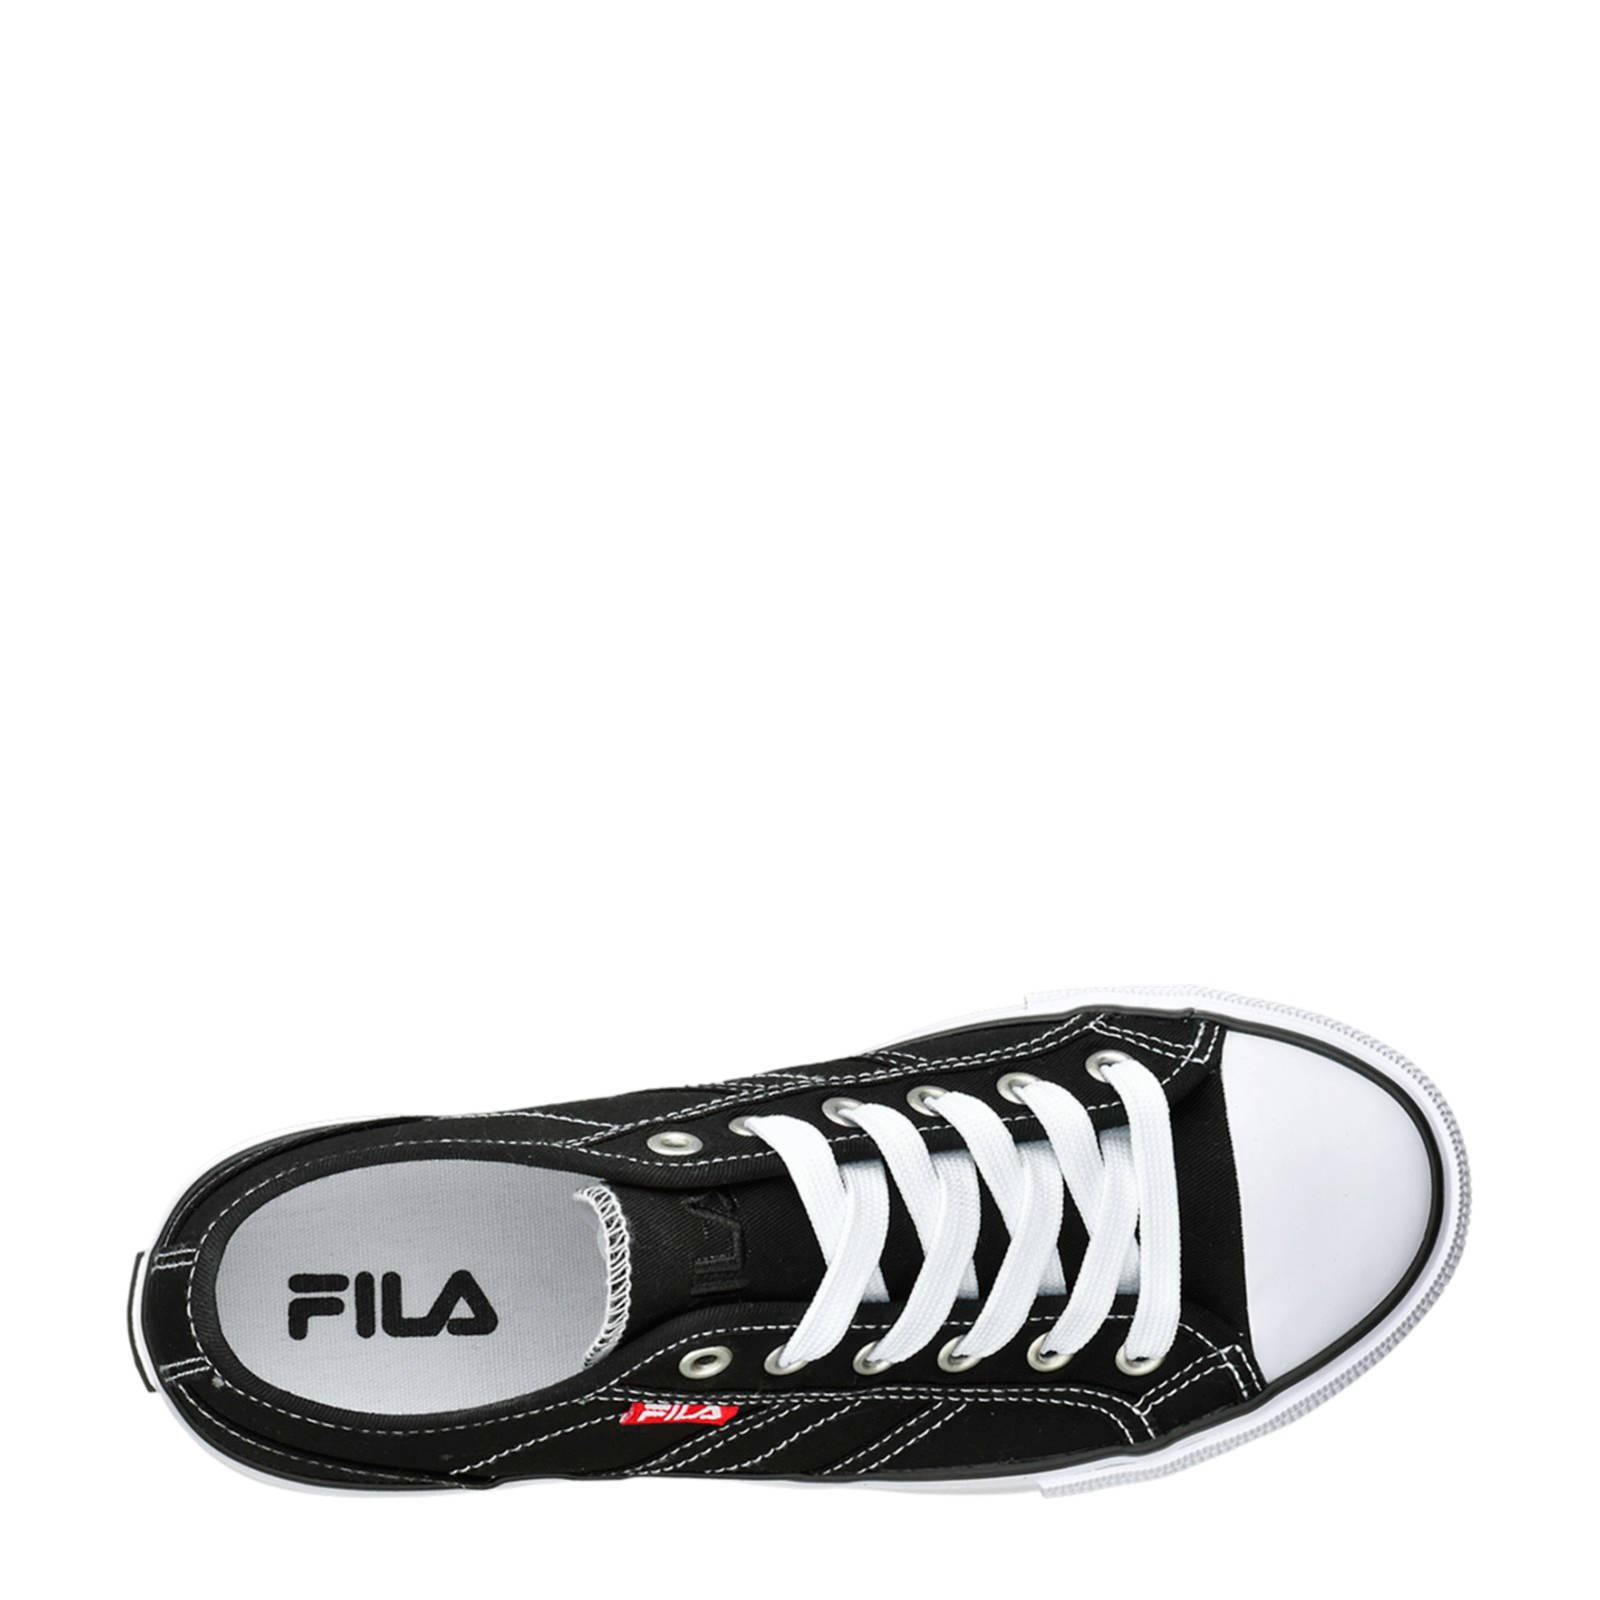 Fila canvas sneakers zwart | wehkamp